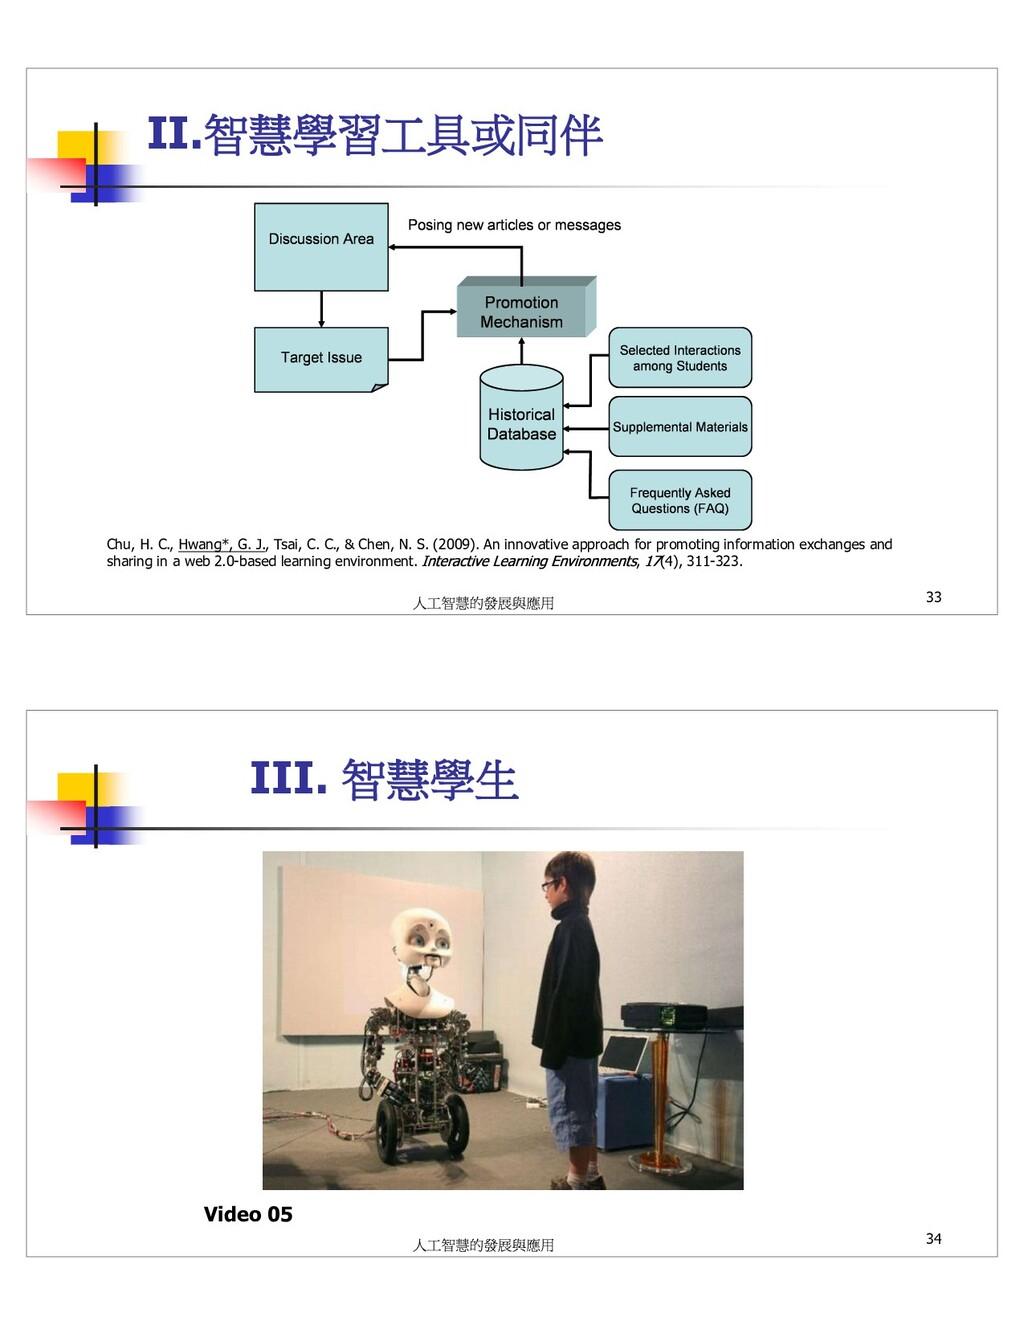 II. Chu, H. C., Hwang*, G. J., Tsai, C. C., & C...